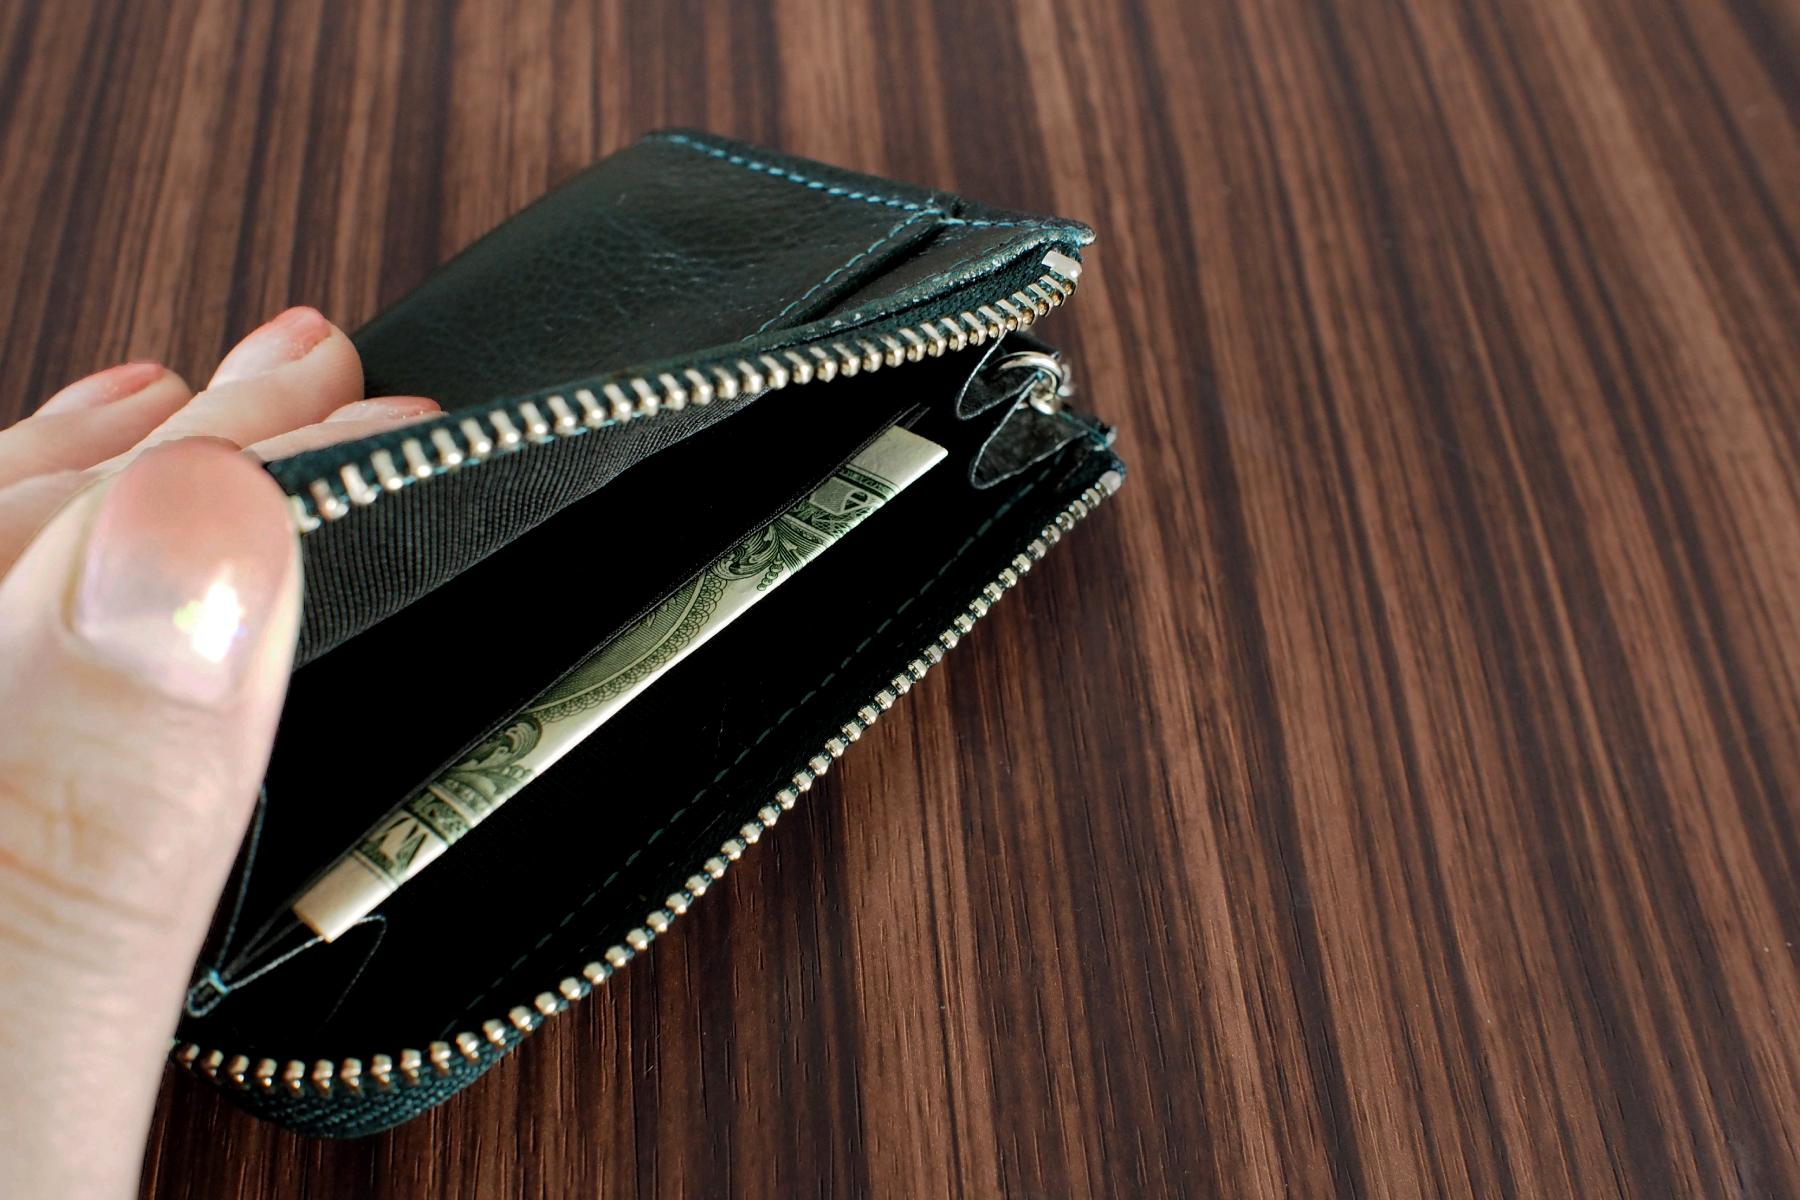 本革製小銭入れ・キーリング付きに紙幣を入れた写真